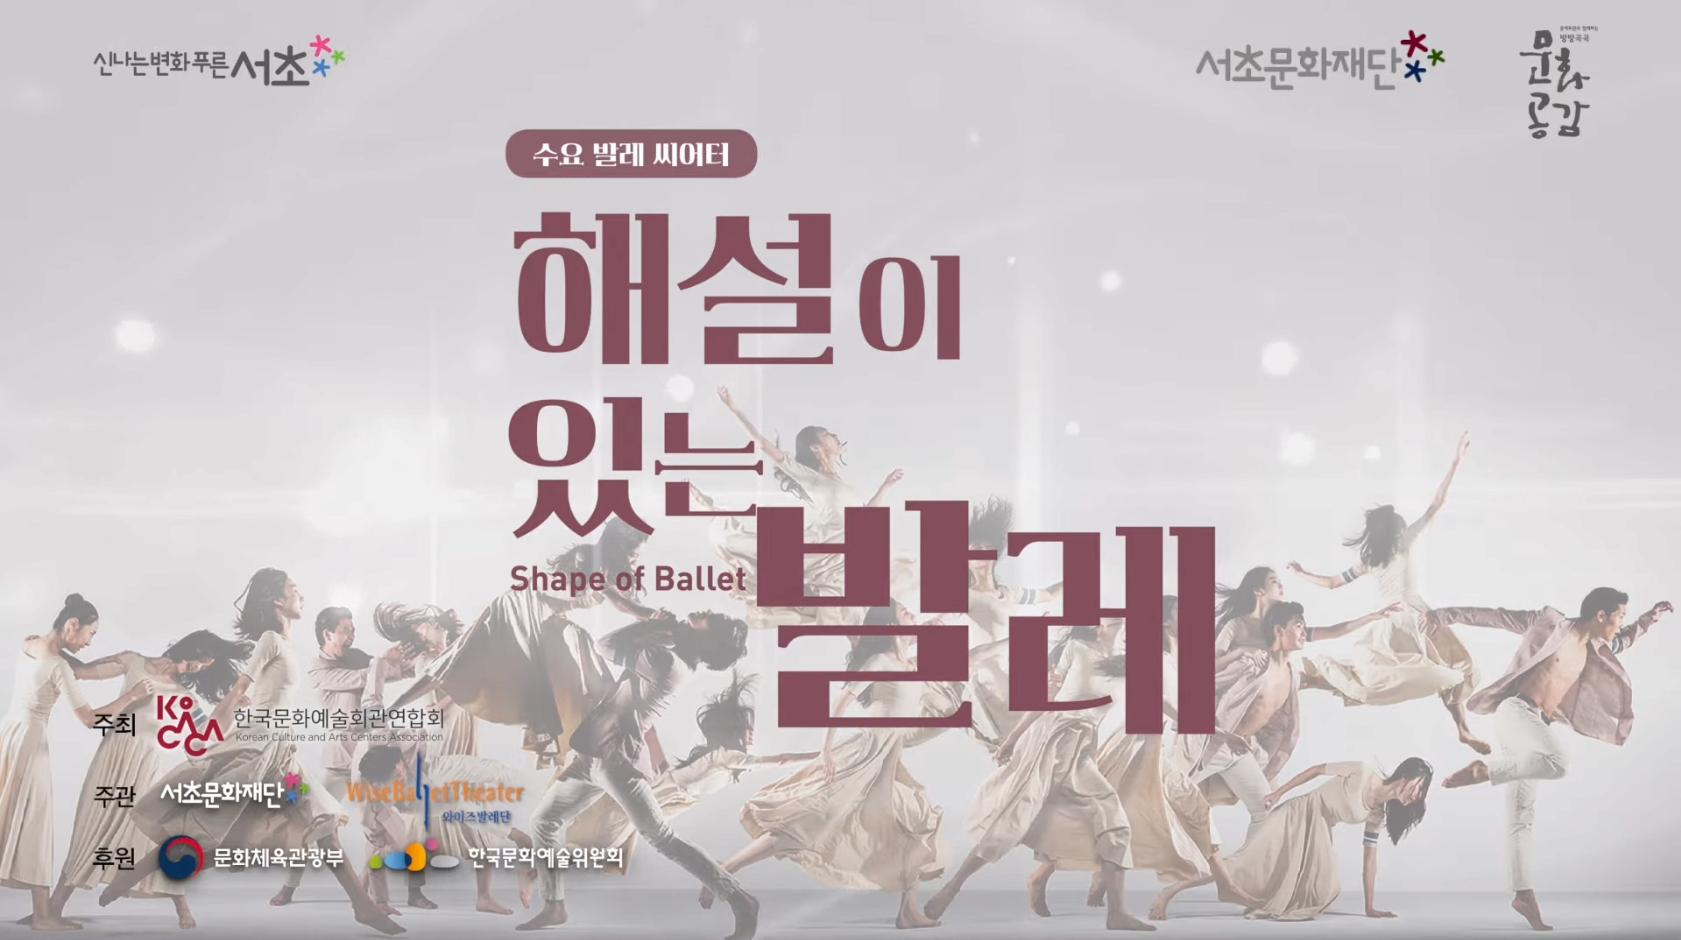 서초문화재단 해설이있는발레 Shape of Ballet 「컨템포러리 발레의 밤」